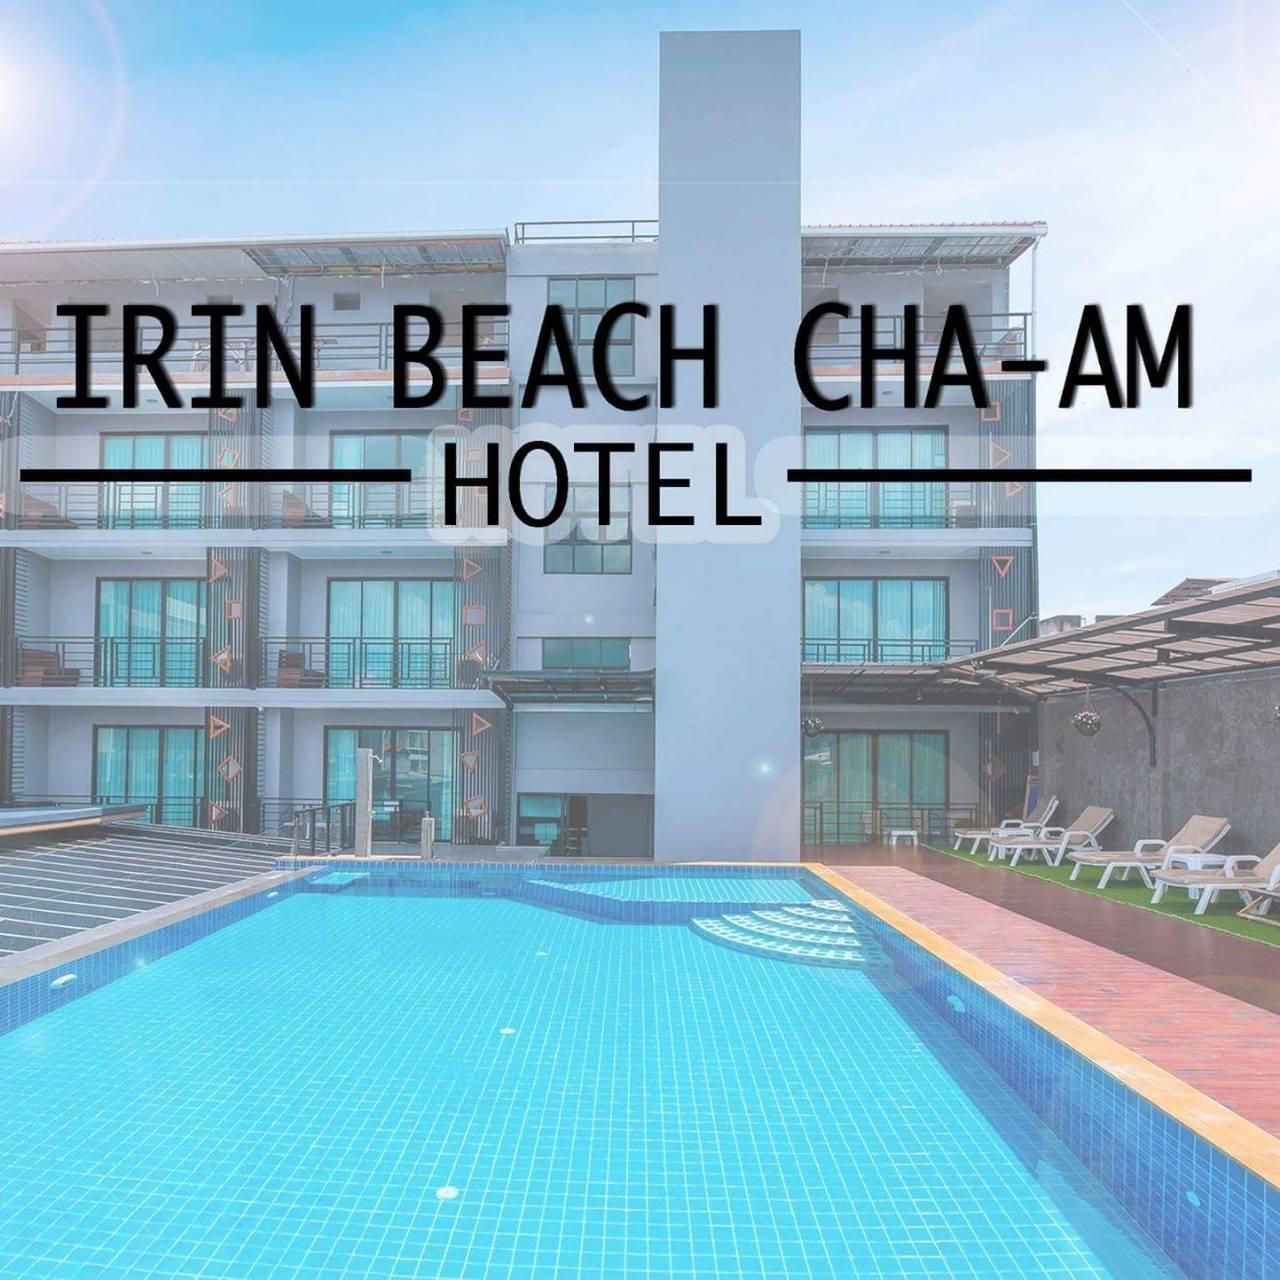 Irin Beach Cha Am